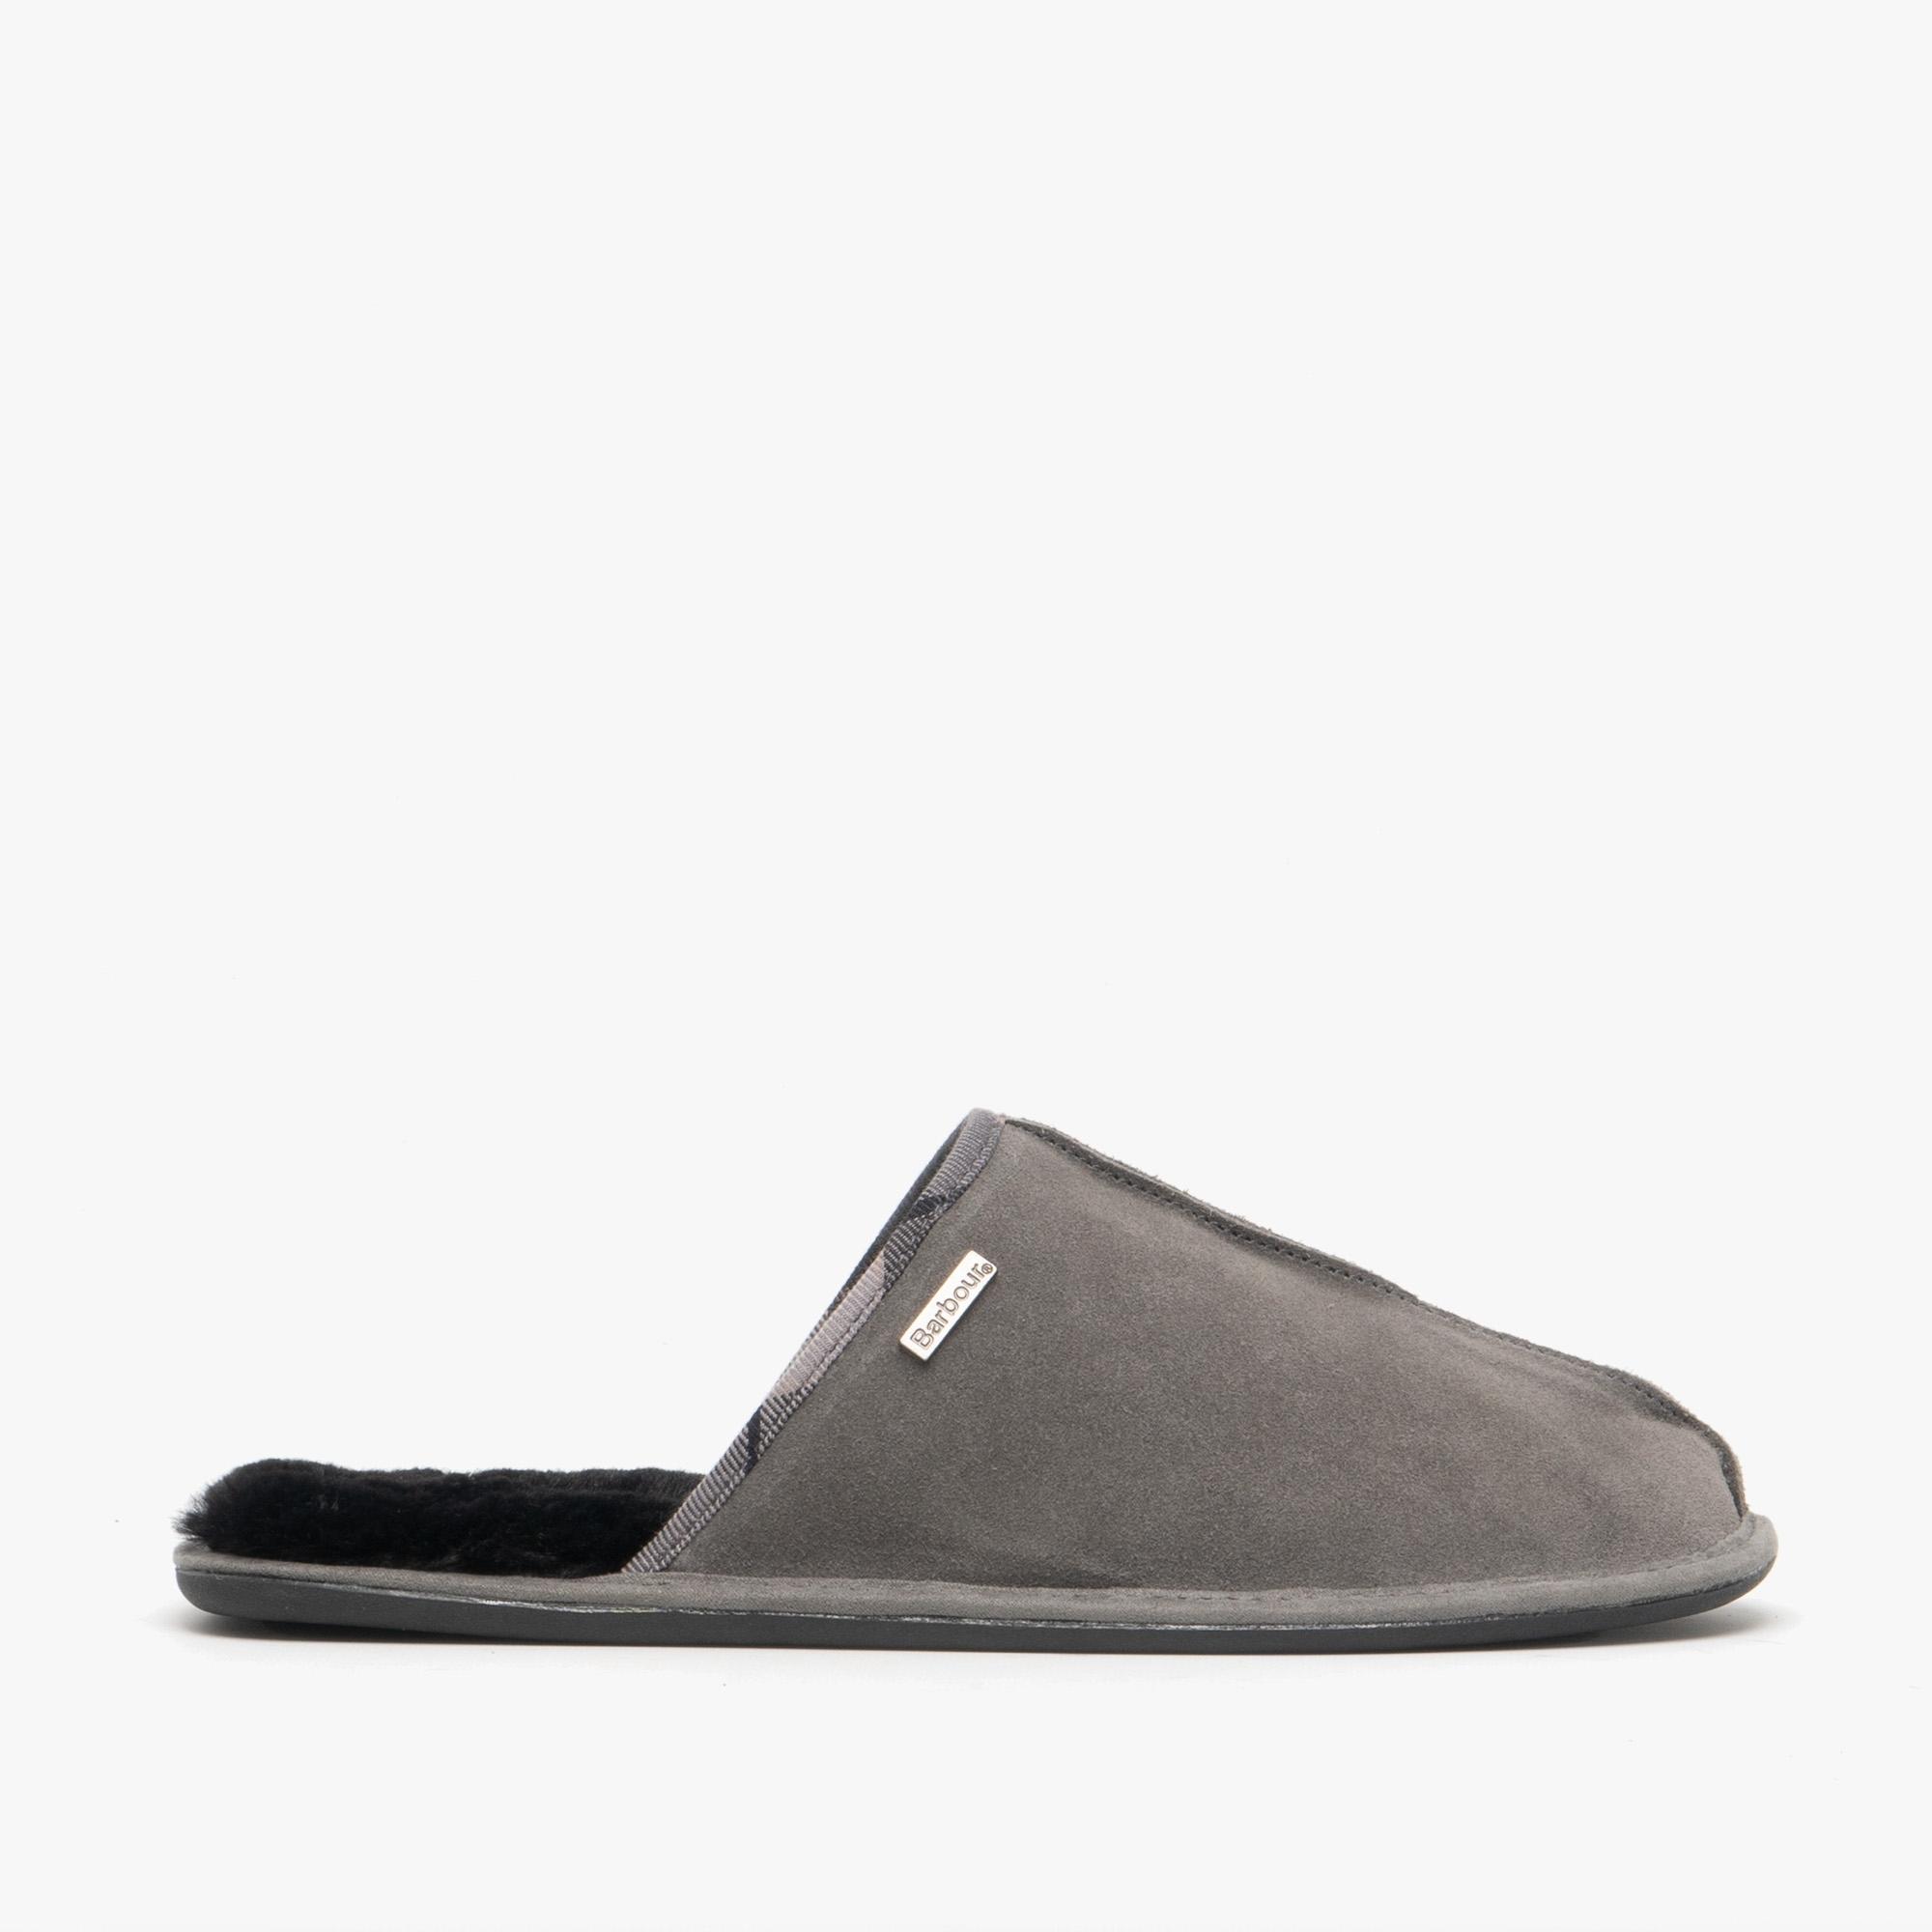 mens suede mule slippers uk